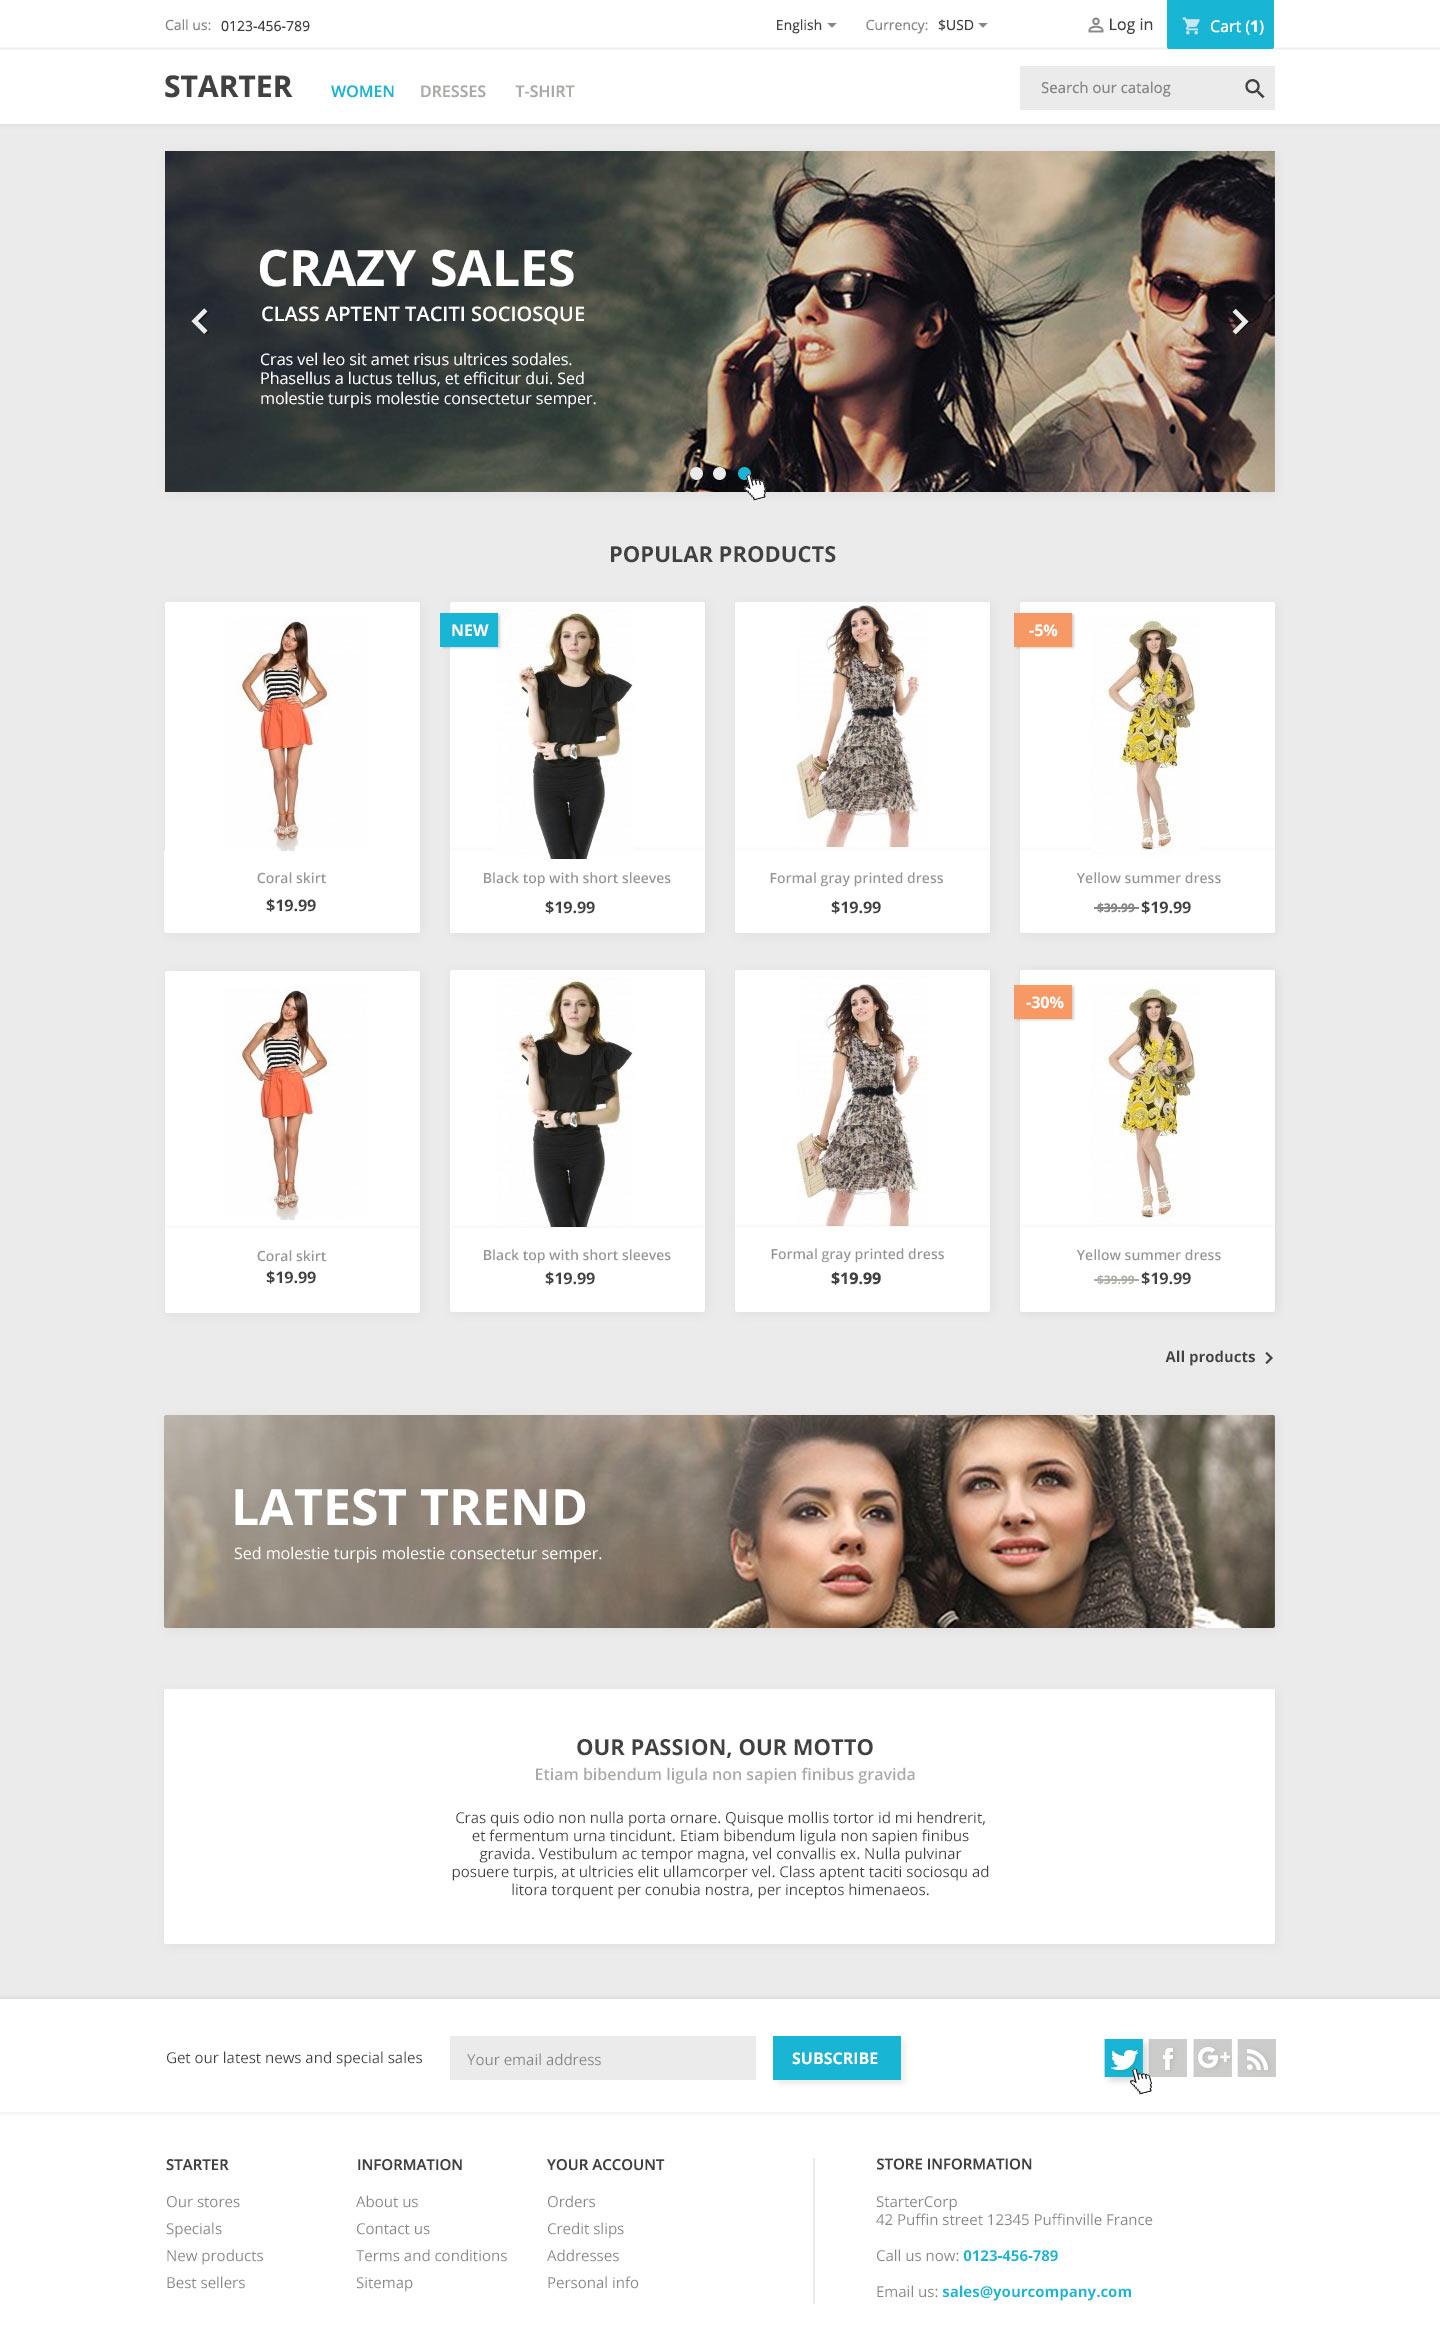 Un CMS comme Prestashop intègre tout le nécessaire pour lancer facilement une boutique en ligne